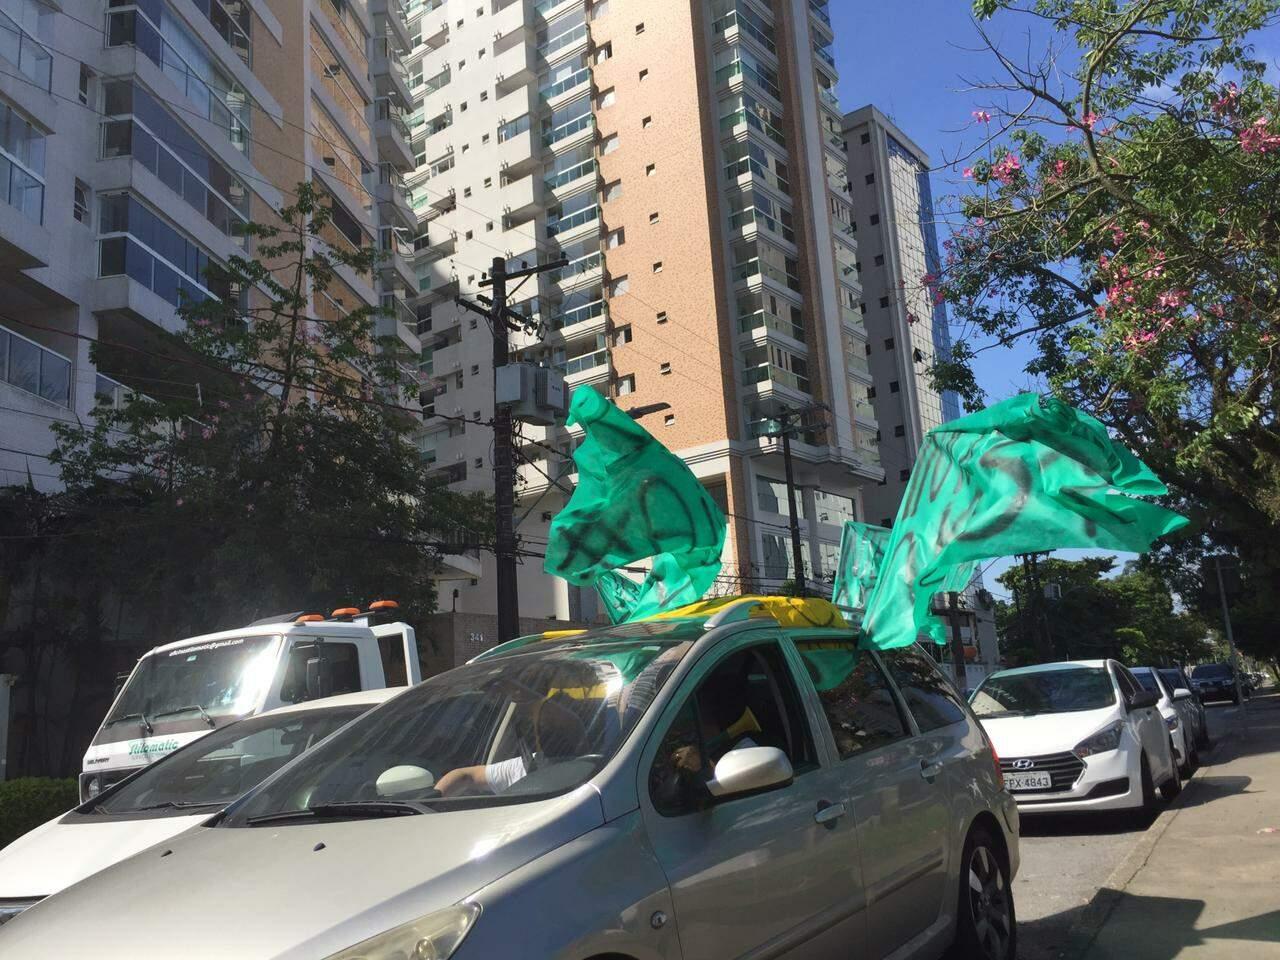 Grupo de comerciantes protestou em frente ao prédio onde mora o prefeito Rogério Santos